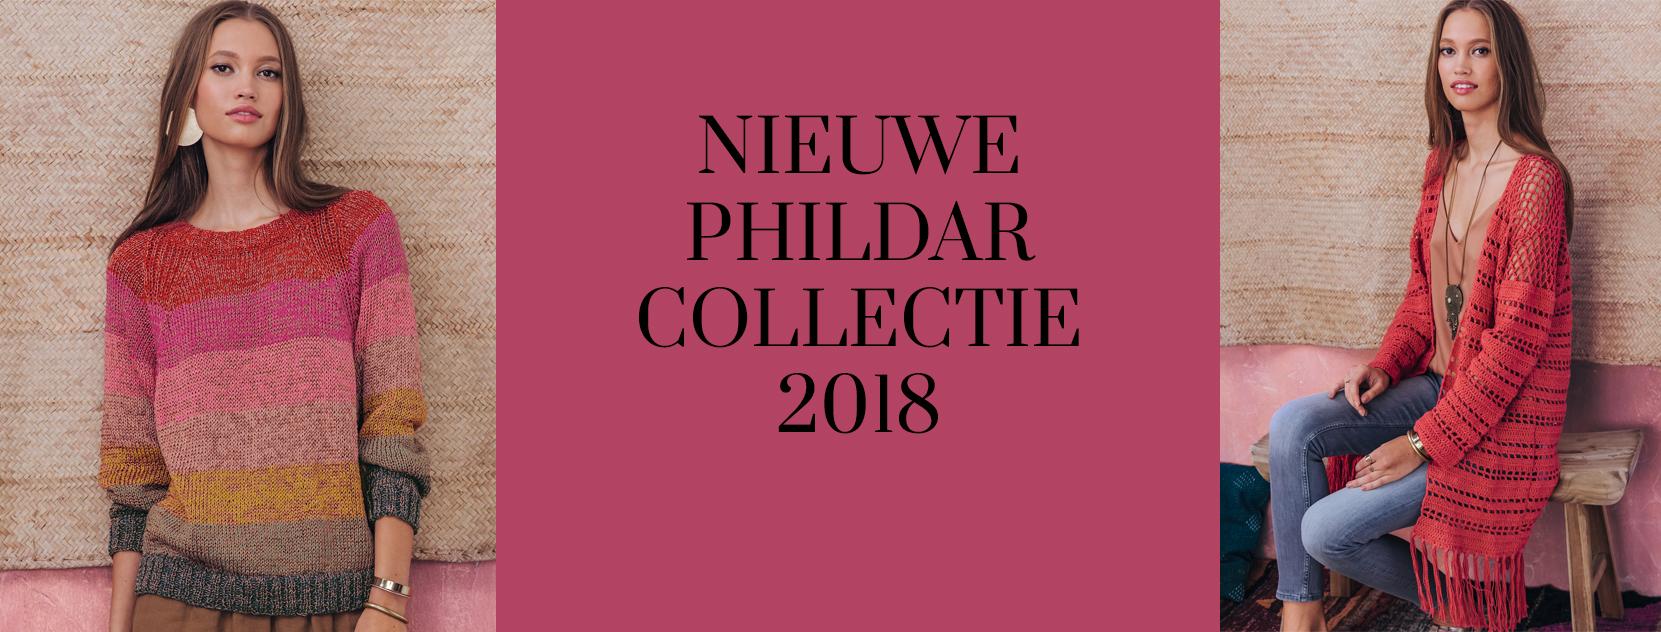 Phildar Collectie